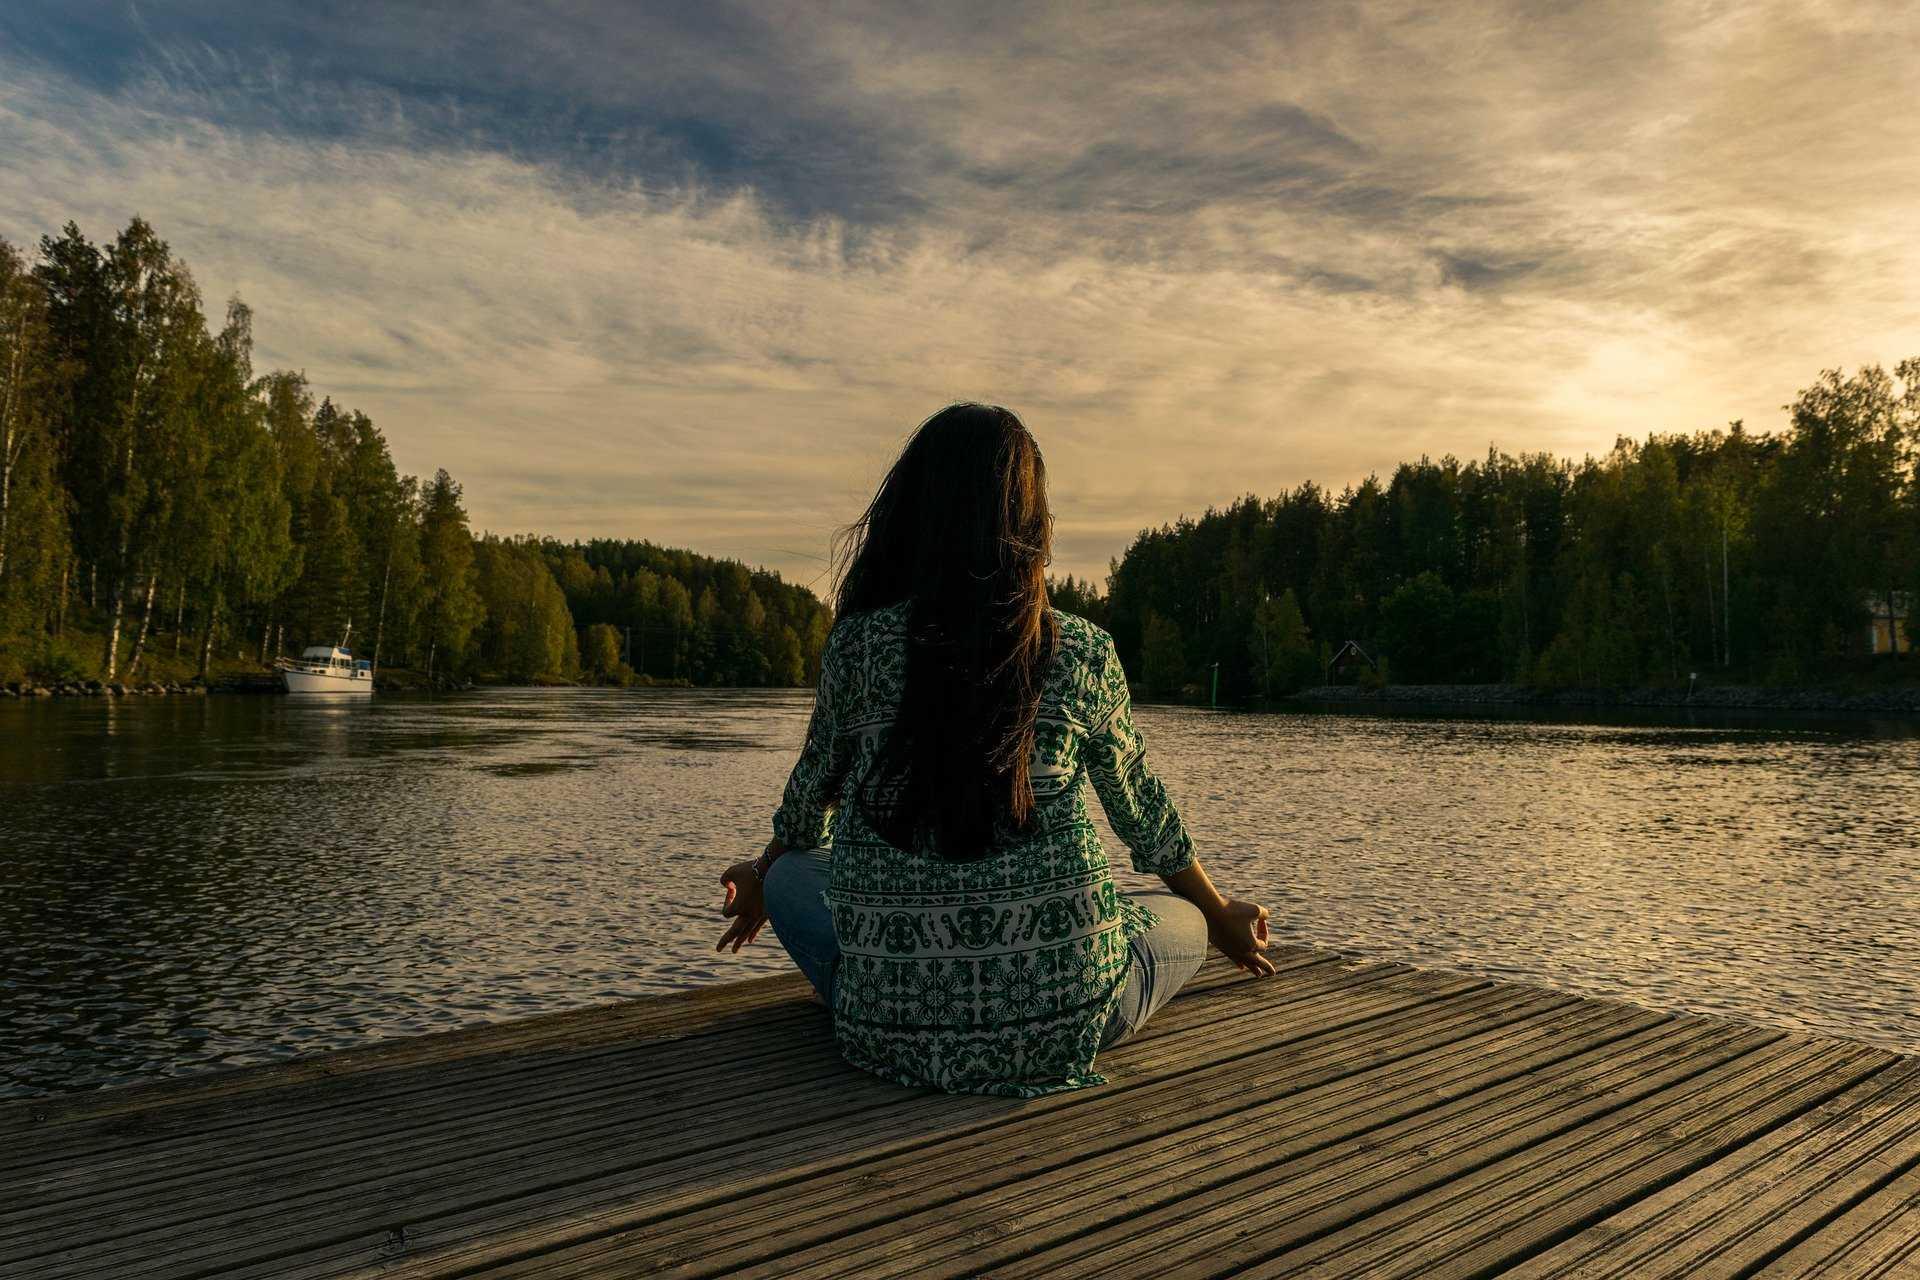 Ежедневные практики, которые помогут оставаться здоровыми